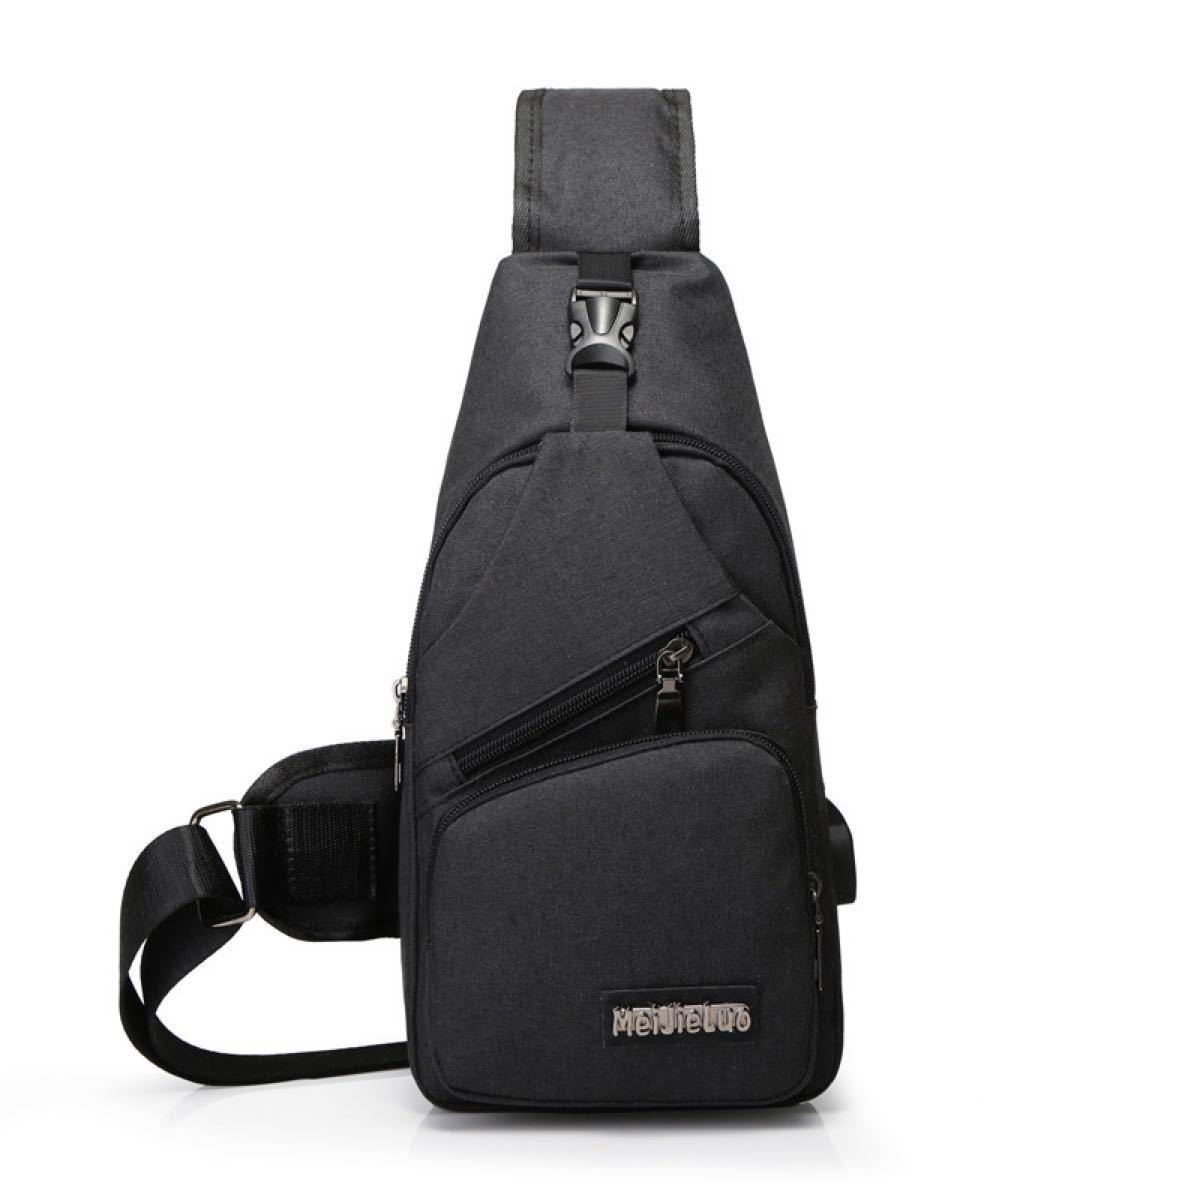 ボディバッグ ショルダーバッグ  軽量 USBポート付き 斜め掛け おしゃれ  メンズバッグ ワンショルダー